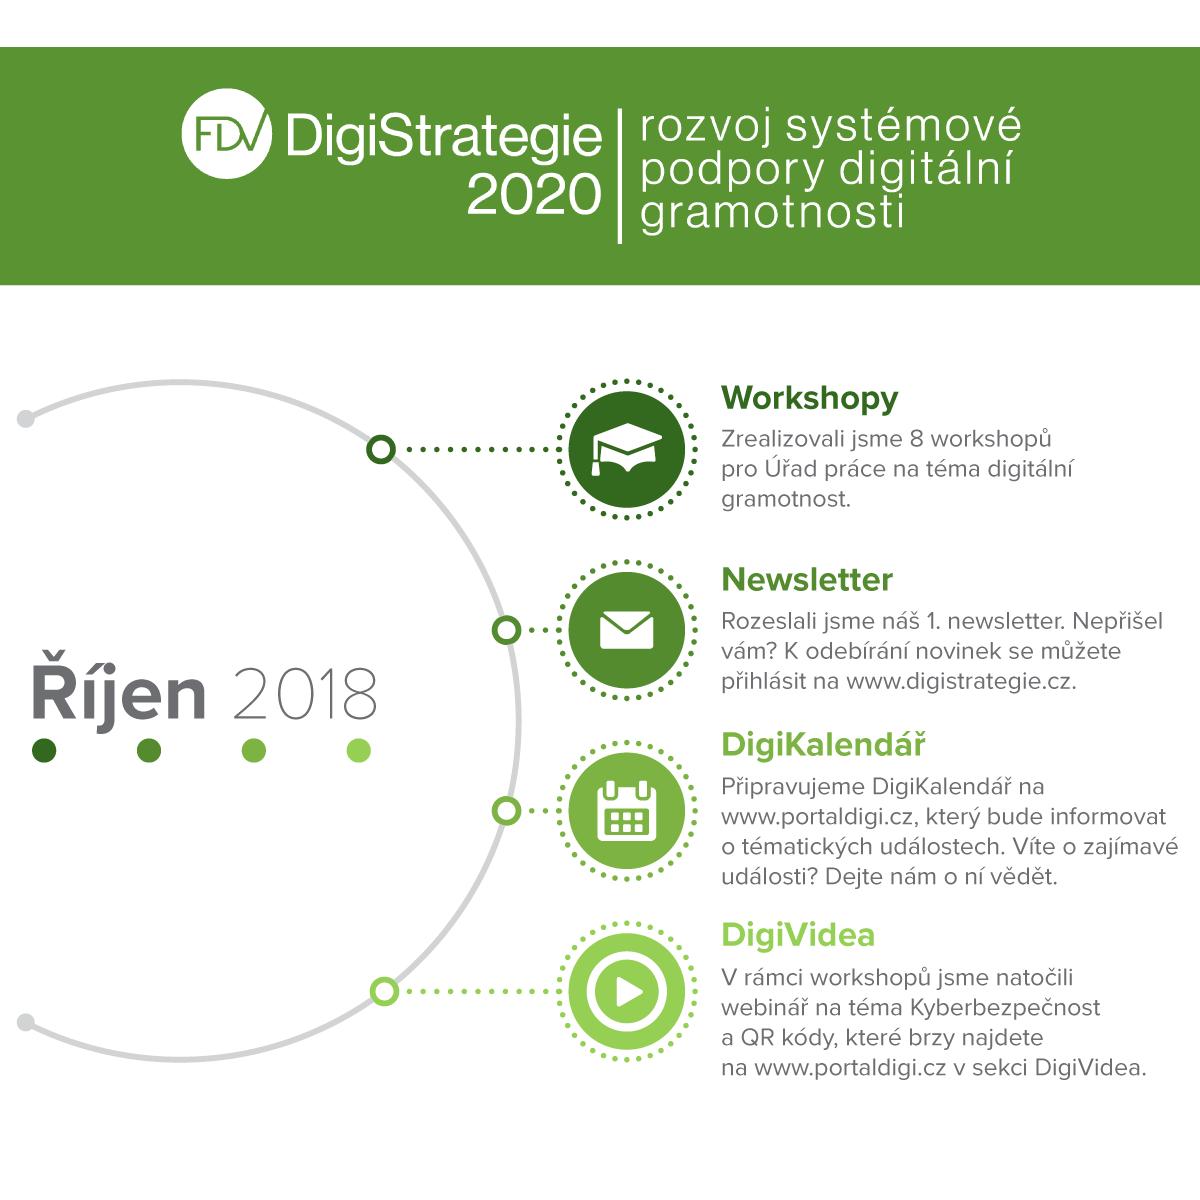 DigiStrategie říjen